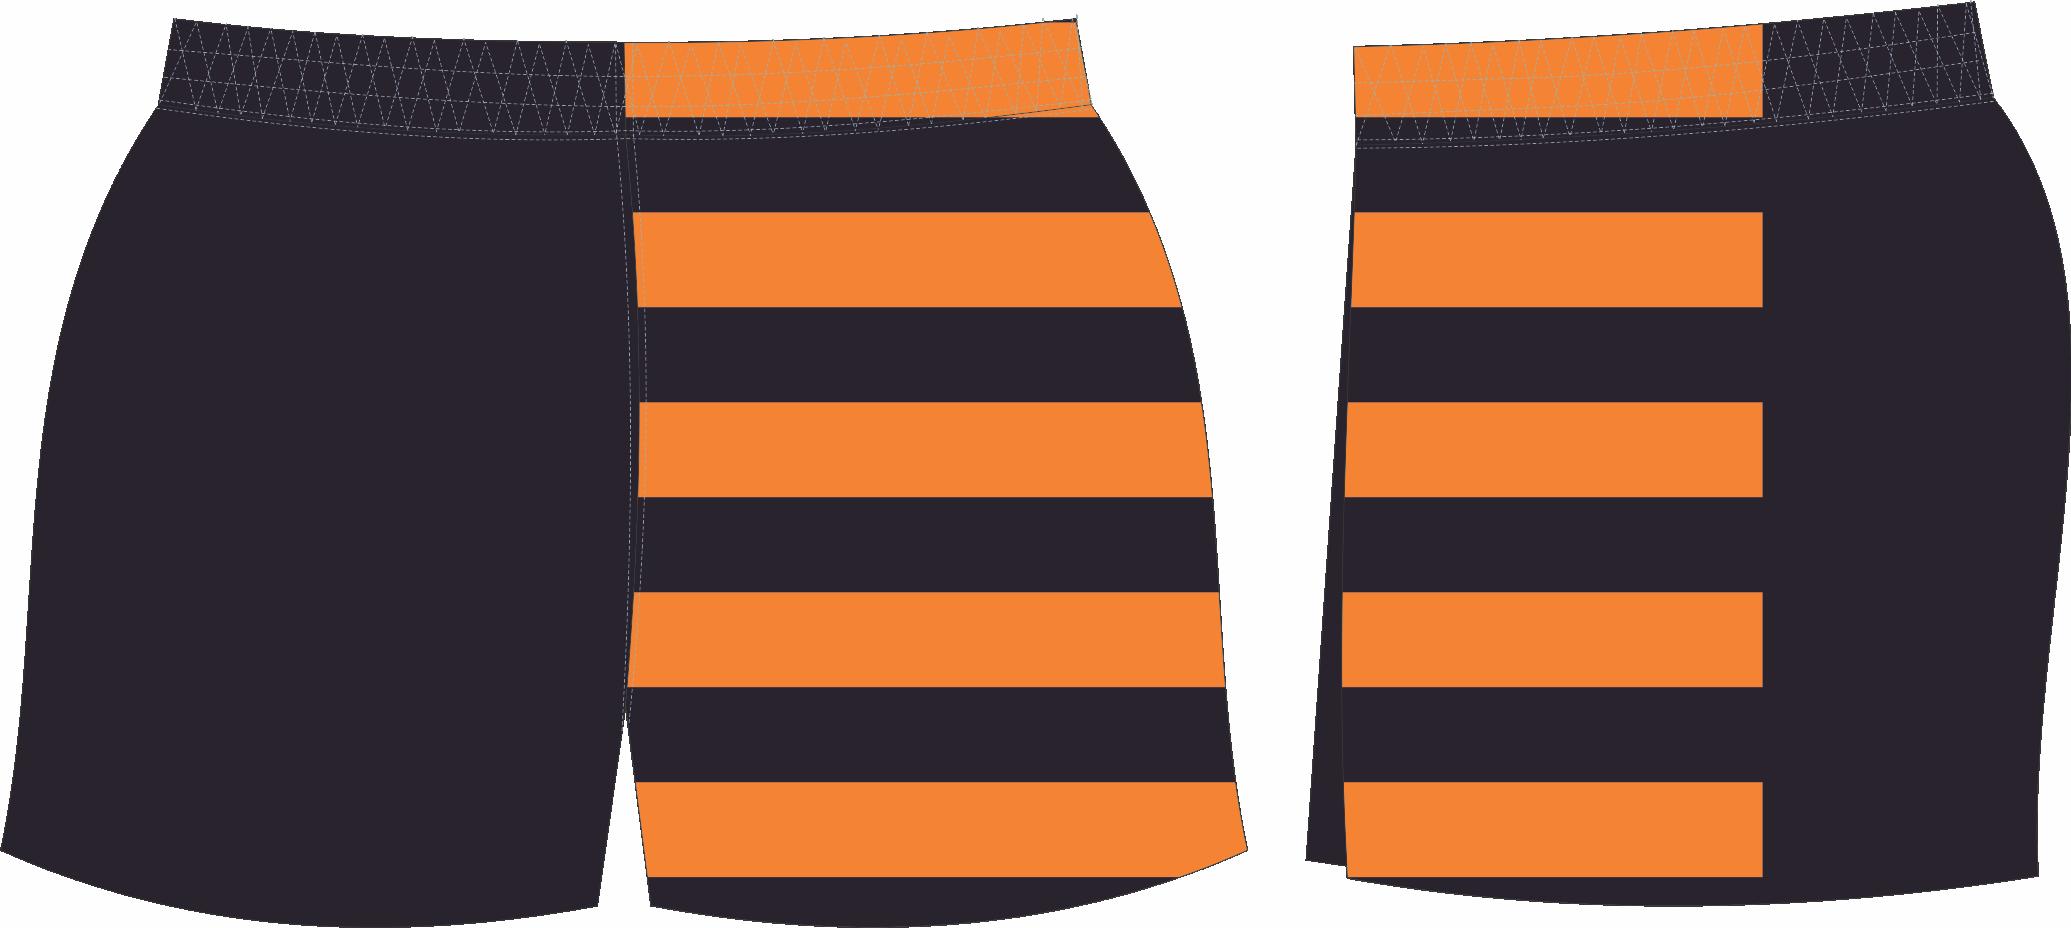 S202XSHT Black Orange White.png